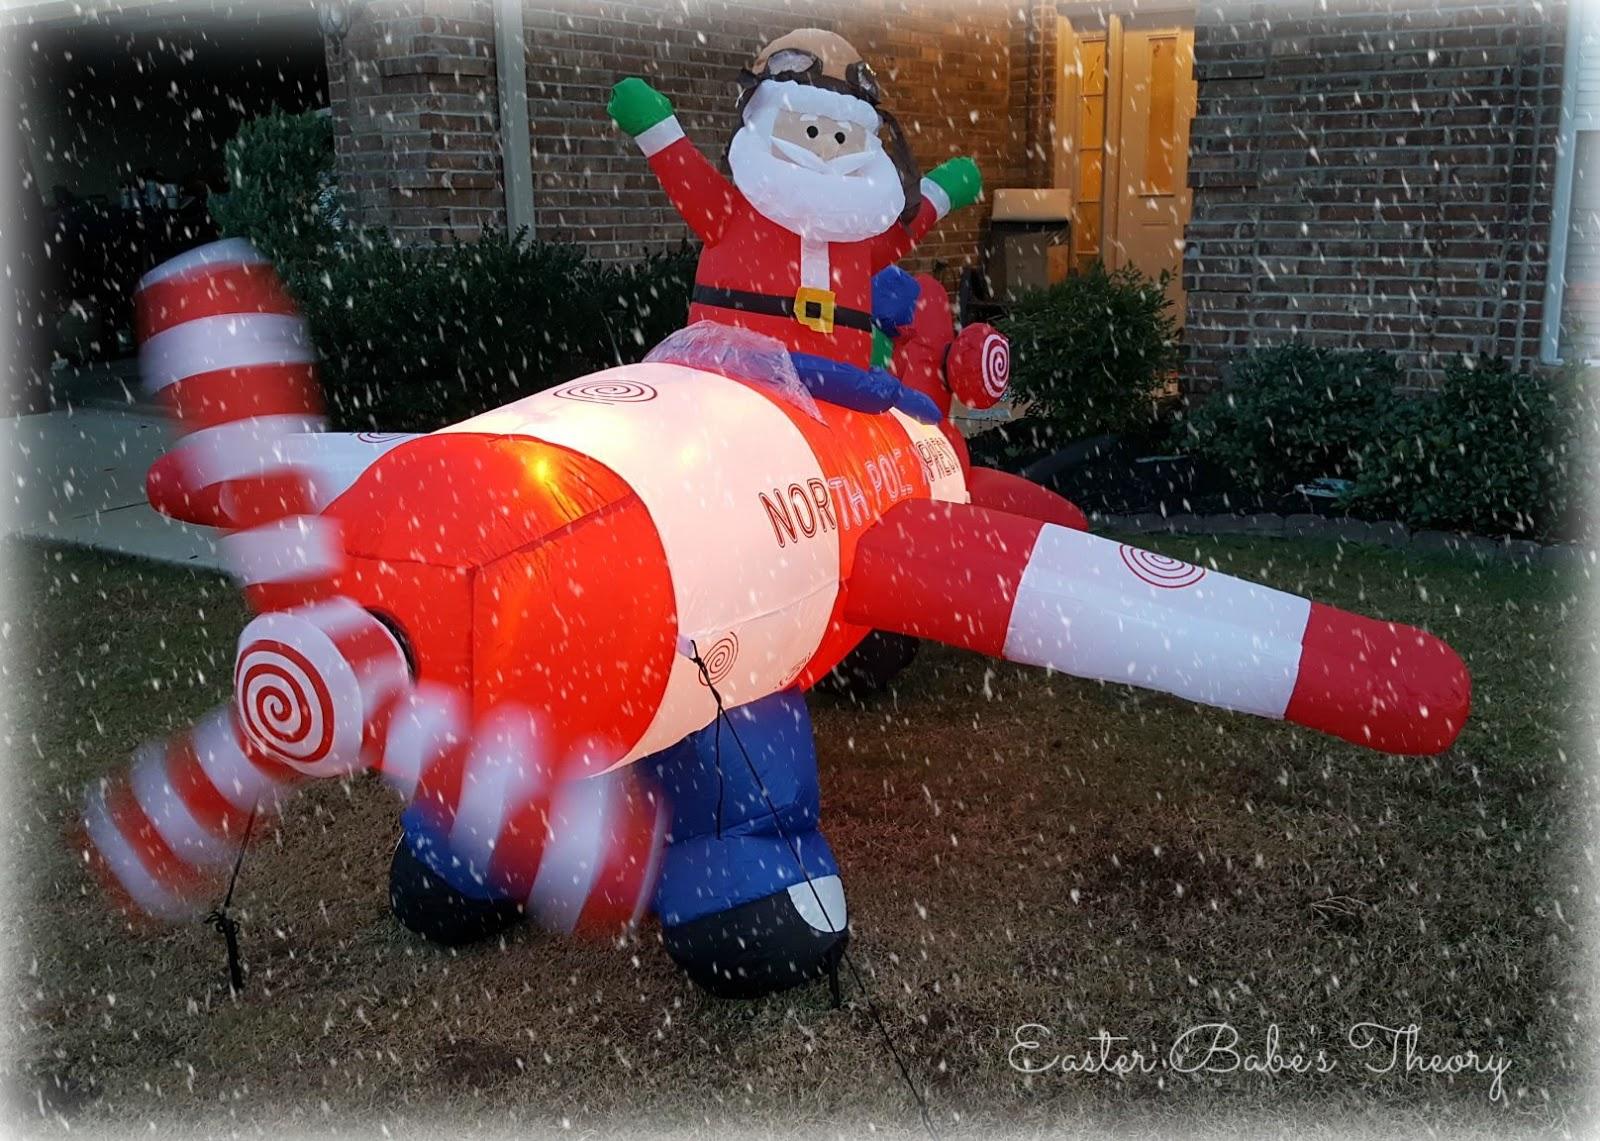 Santa s flying the north pole express this holiday season